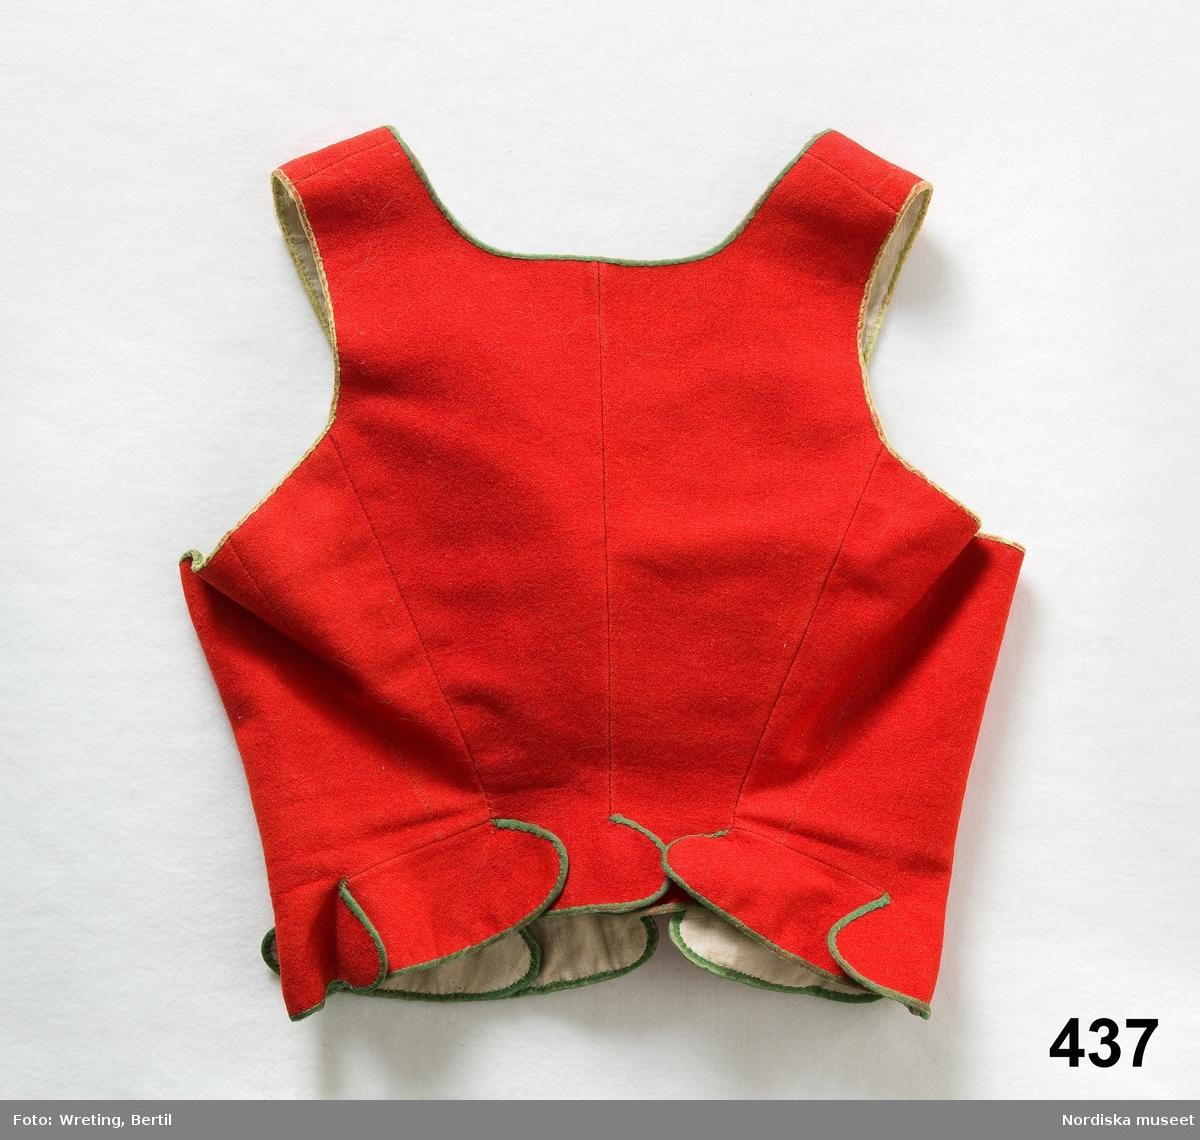 """Livstycke av rött kläde, 2 framstycken, 2 bakstycken, materialskarvar i sidorna. I nederkanten ett kort skört bestående av 10 öppna rundade flikar som överlappar varandra som fjäll. Kantat med gröna sidenband, foder av vit linnelärft, häktas fram med 7 hakar och hyskor av mässing.  Bilaga: """" Tillhörande den gamla Skedevidräkten. Finns ytterst få lämningar i behåll av denna dräkt, som varit lika även i Regna socken. Såg under min resa ej ett enda plagg mer än dem jag köpt.""""  ( pastorsadjunkt E. Blom 1873)  /Berit Eldvik 2006-09-14"""